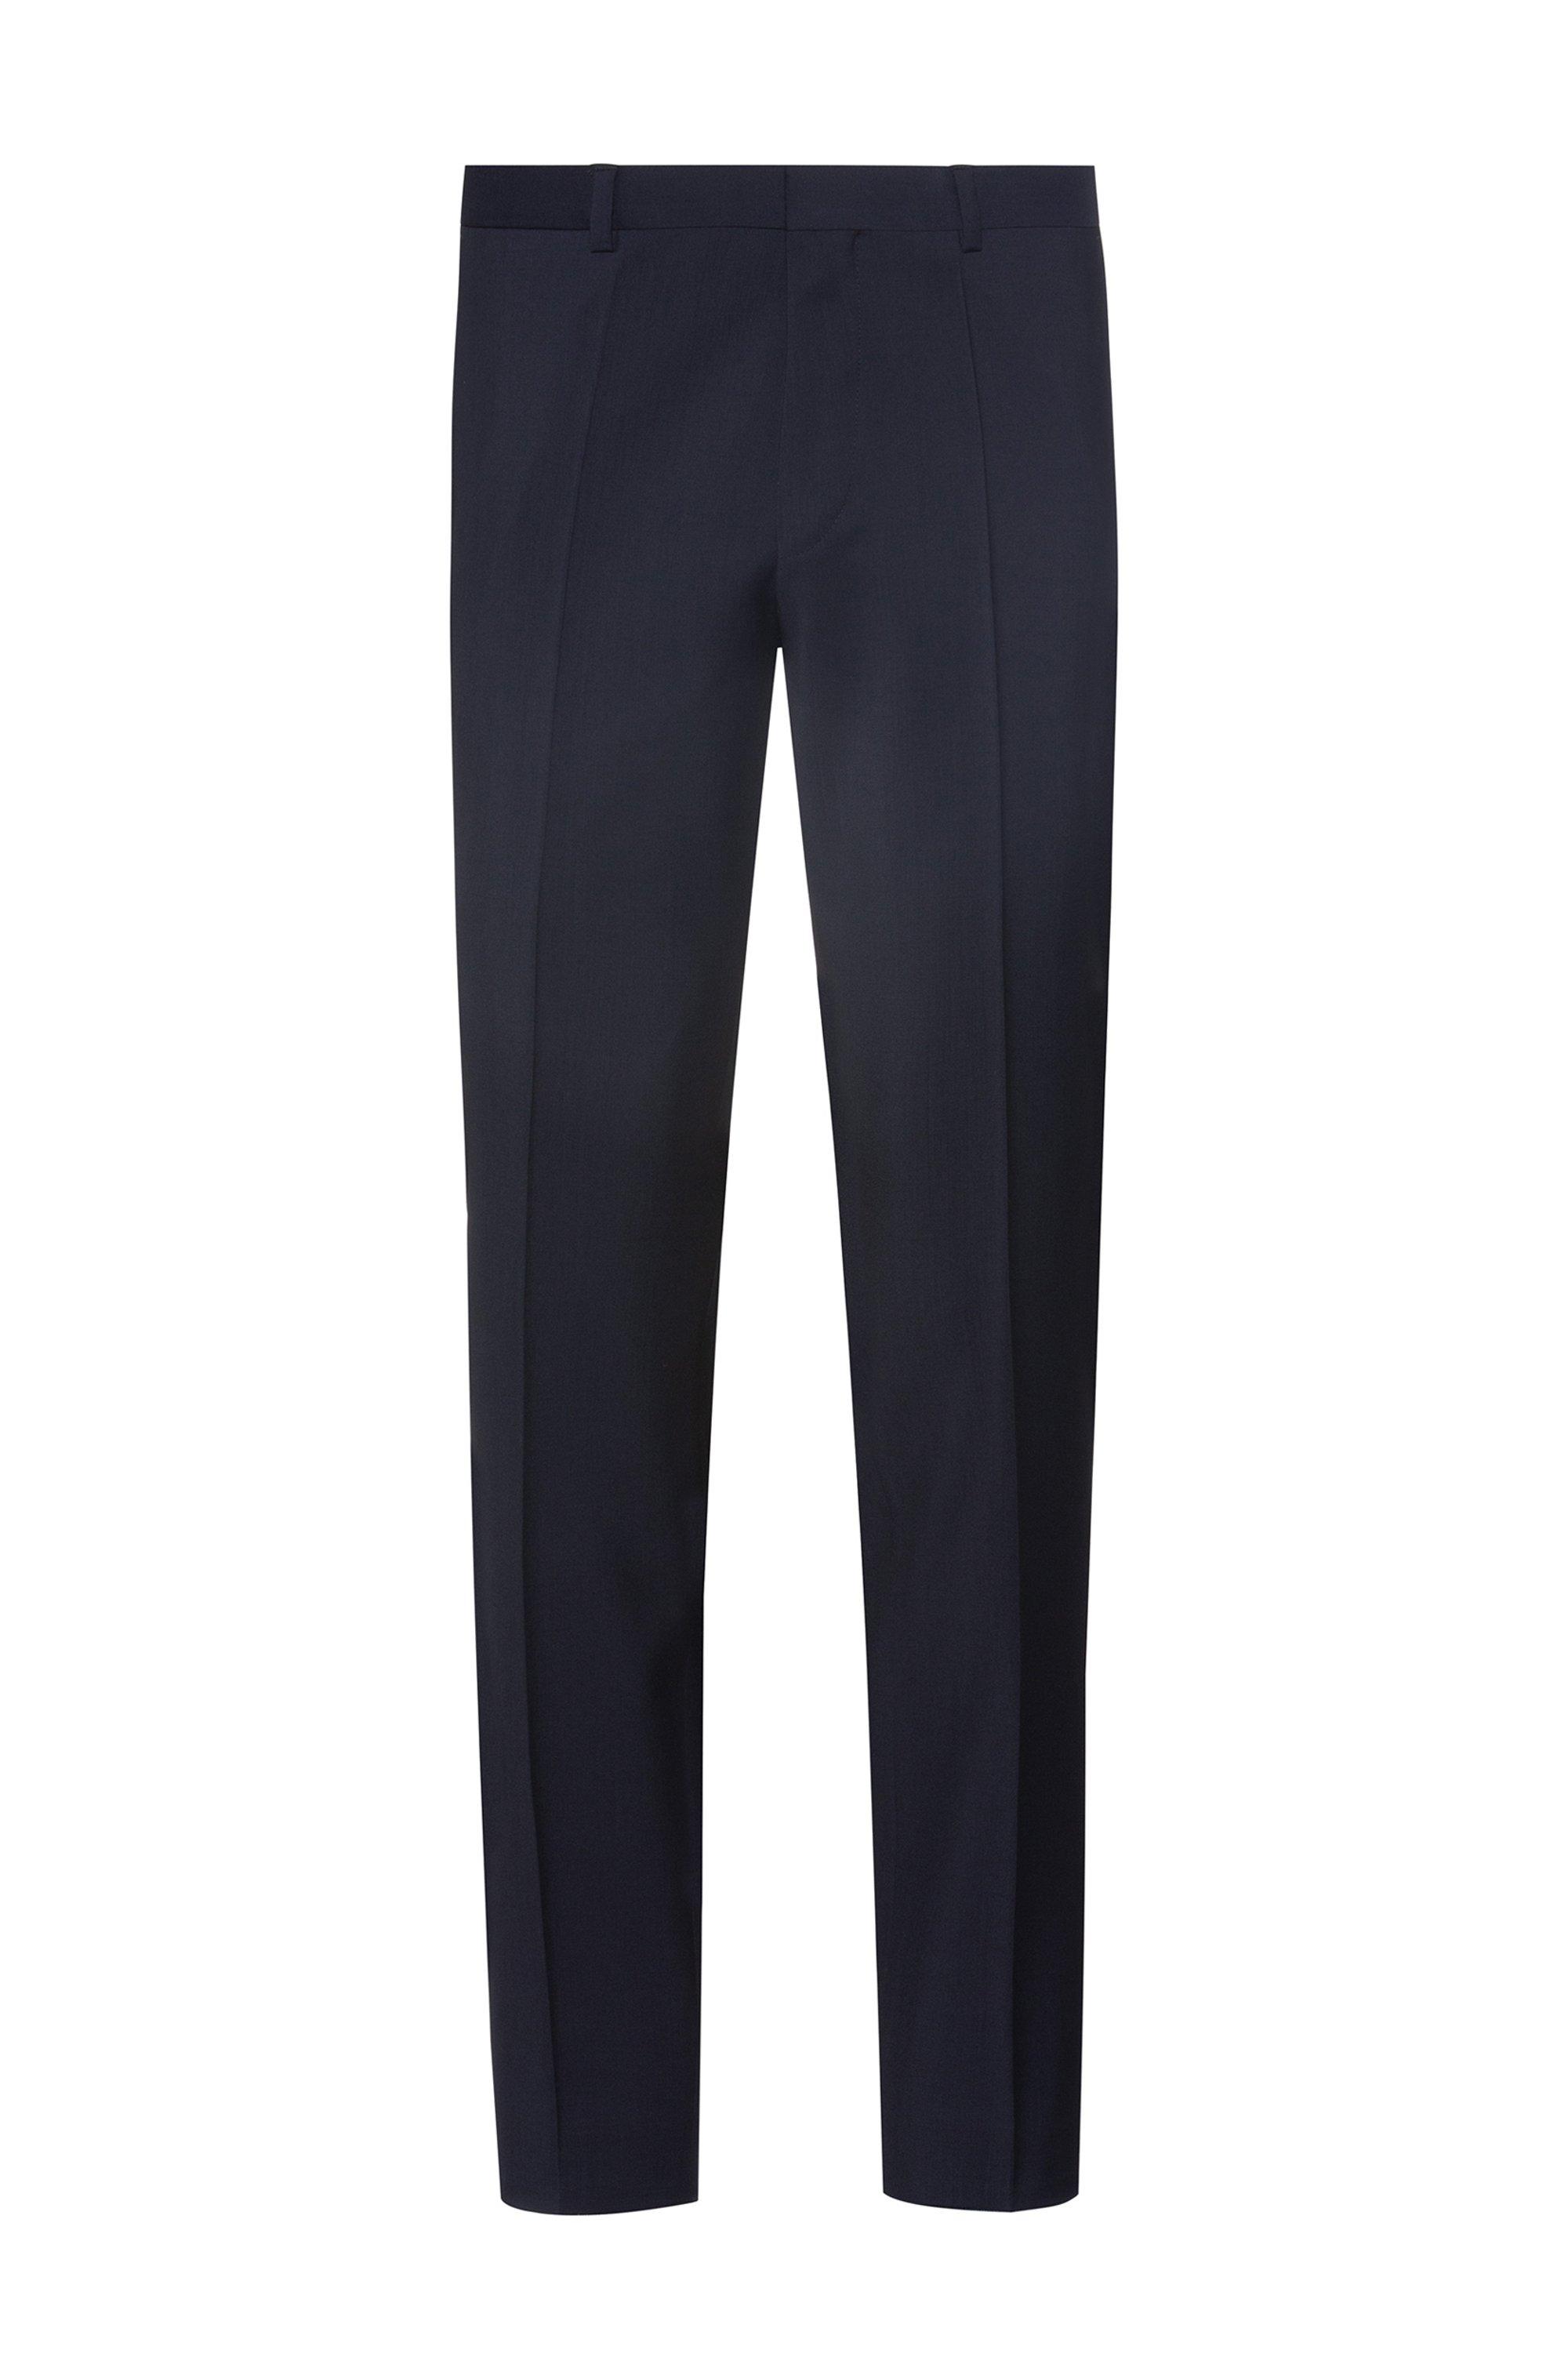 Extra-slim-fit pants in virgin-wool stretch poplin, Dark Blue